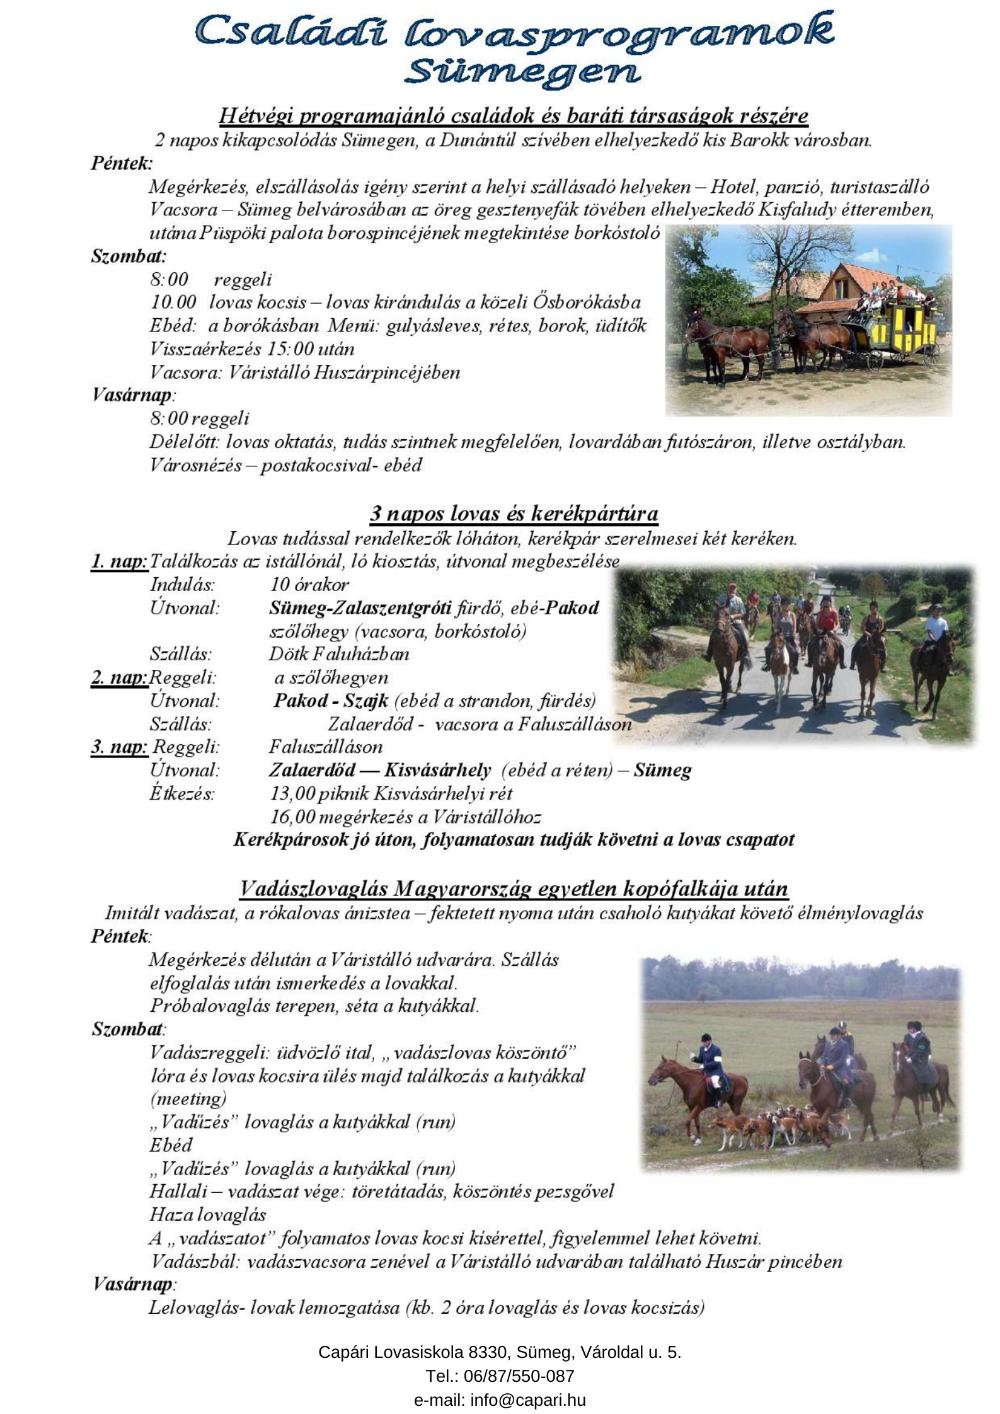 Lovasprogramok Sümegen - Vadászlovaglás és család- baráti programok